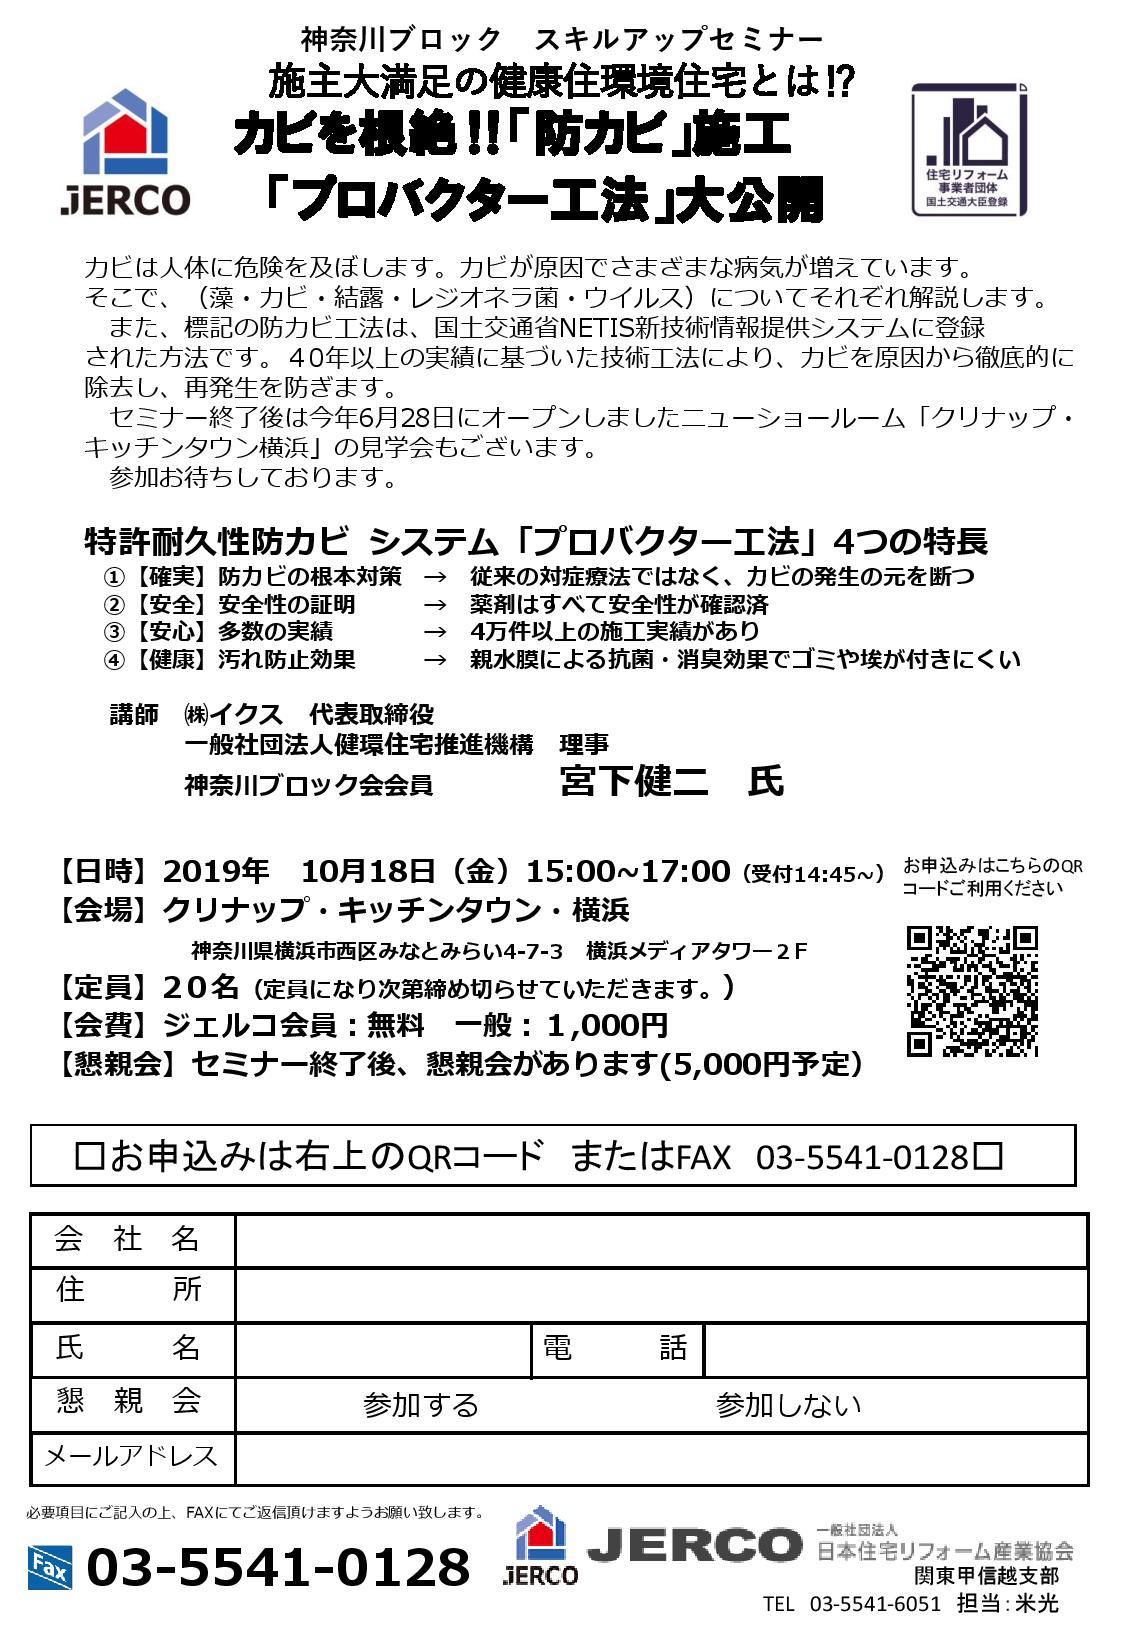 カビを根絶する防カビ施工について【神奈川ブロック/2019年10月18日】